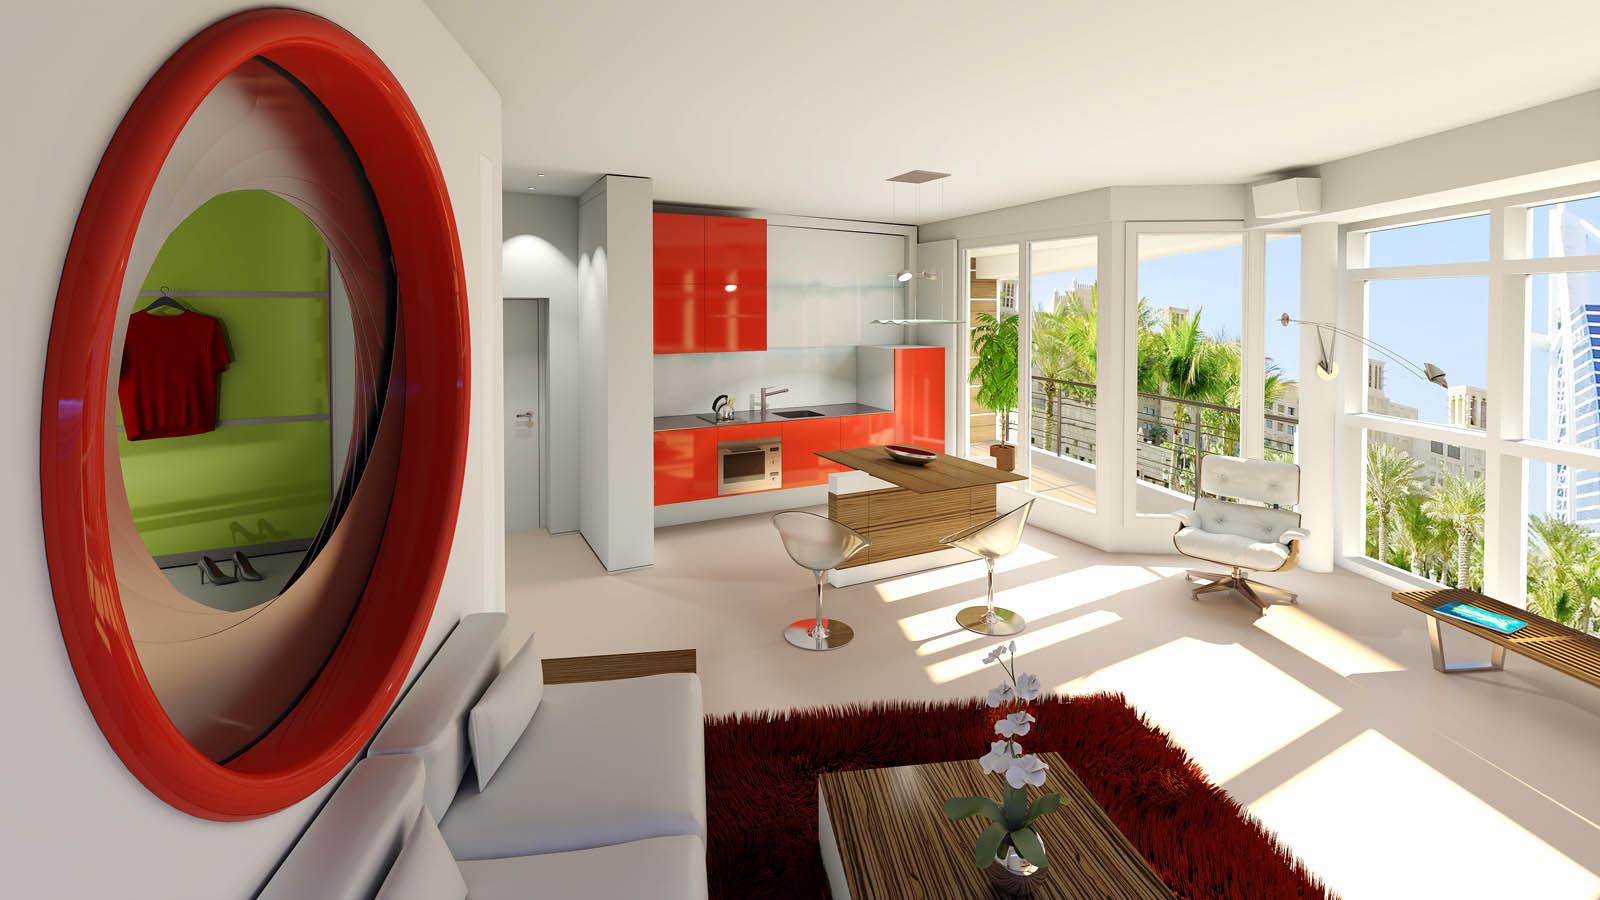 pytha-proyecto-diseño-casa